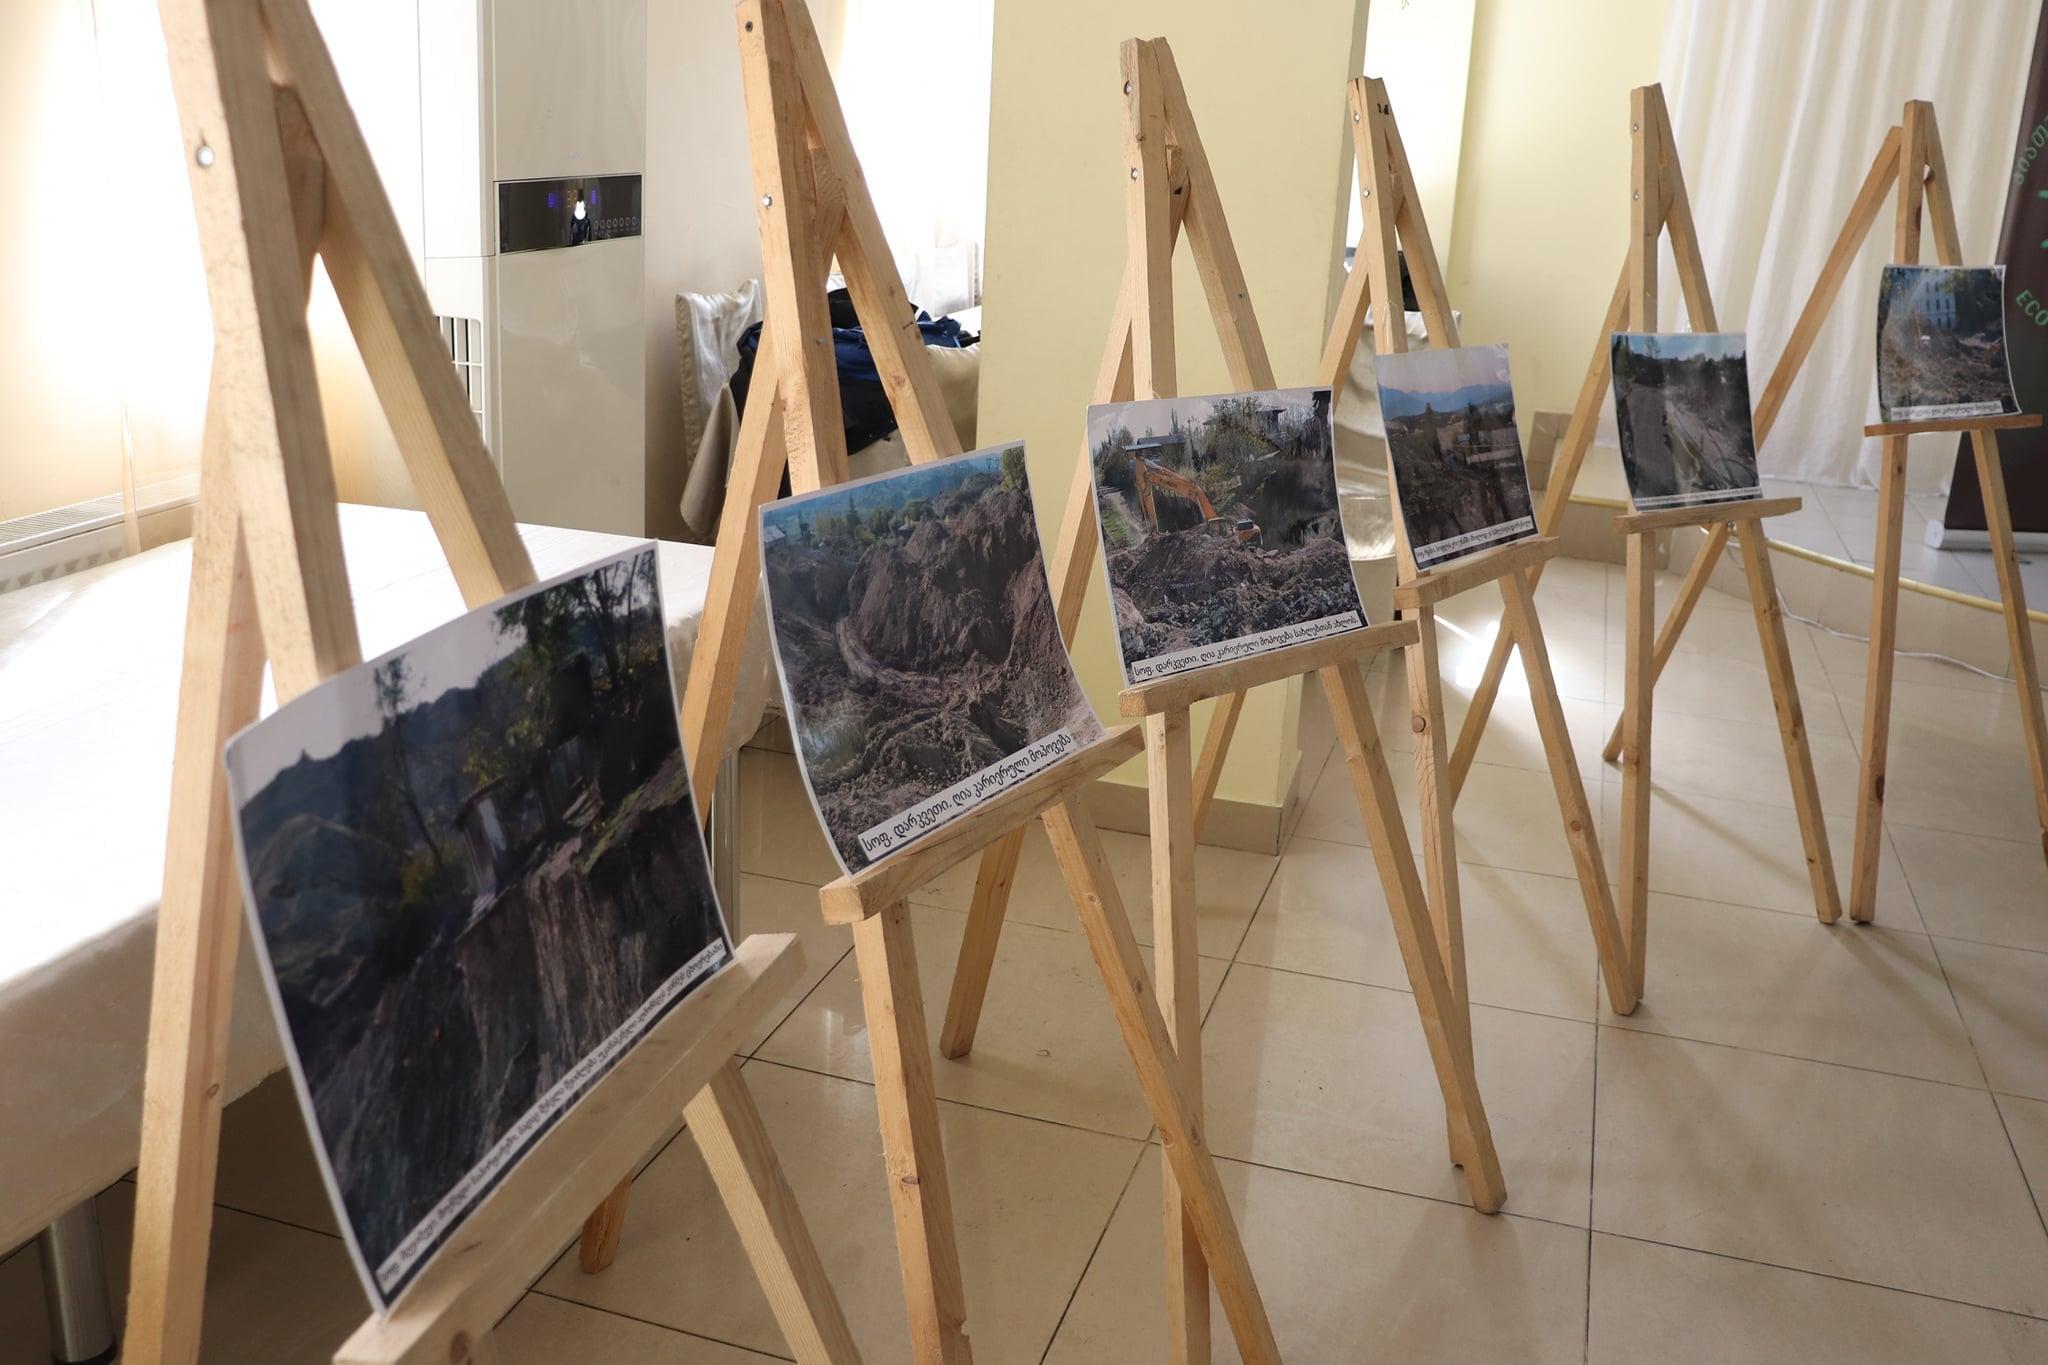 ჭიათურაში ახალი ეკოლოგიური პროექტის შესახებ დისკუსია გაიმართა (ფოტოები)